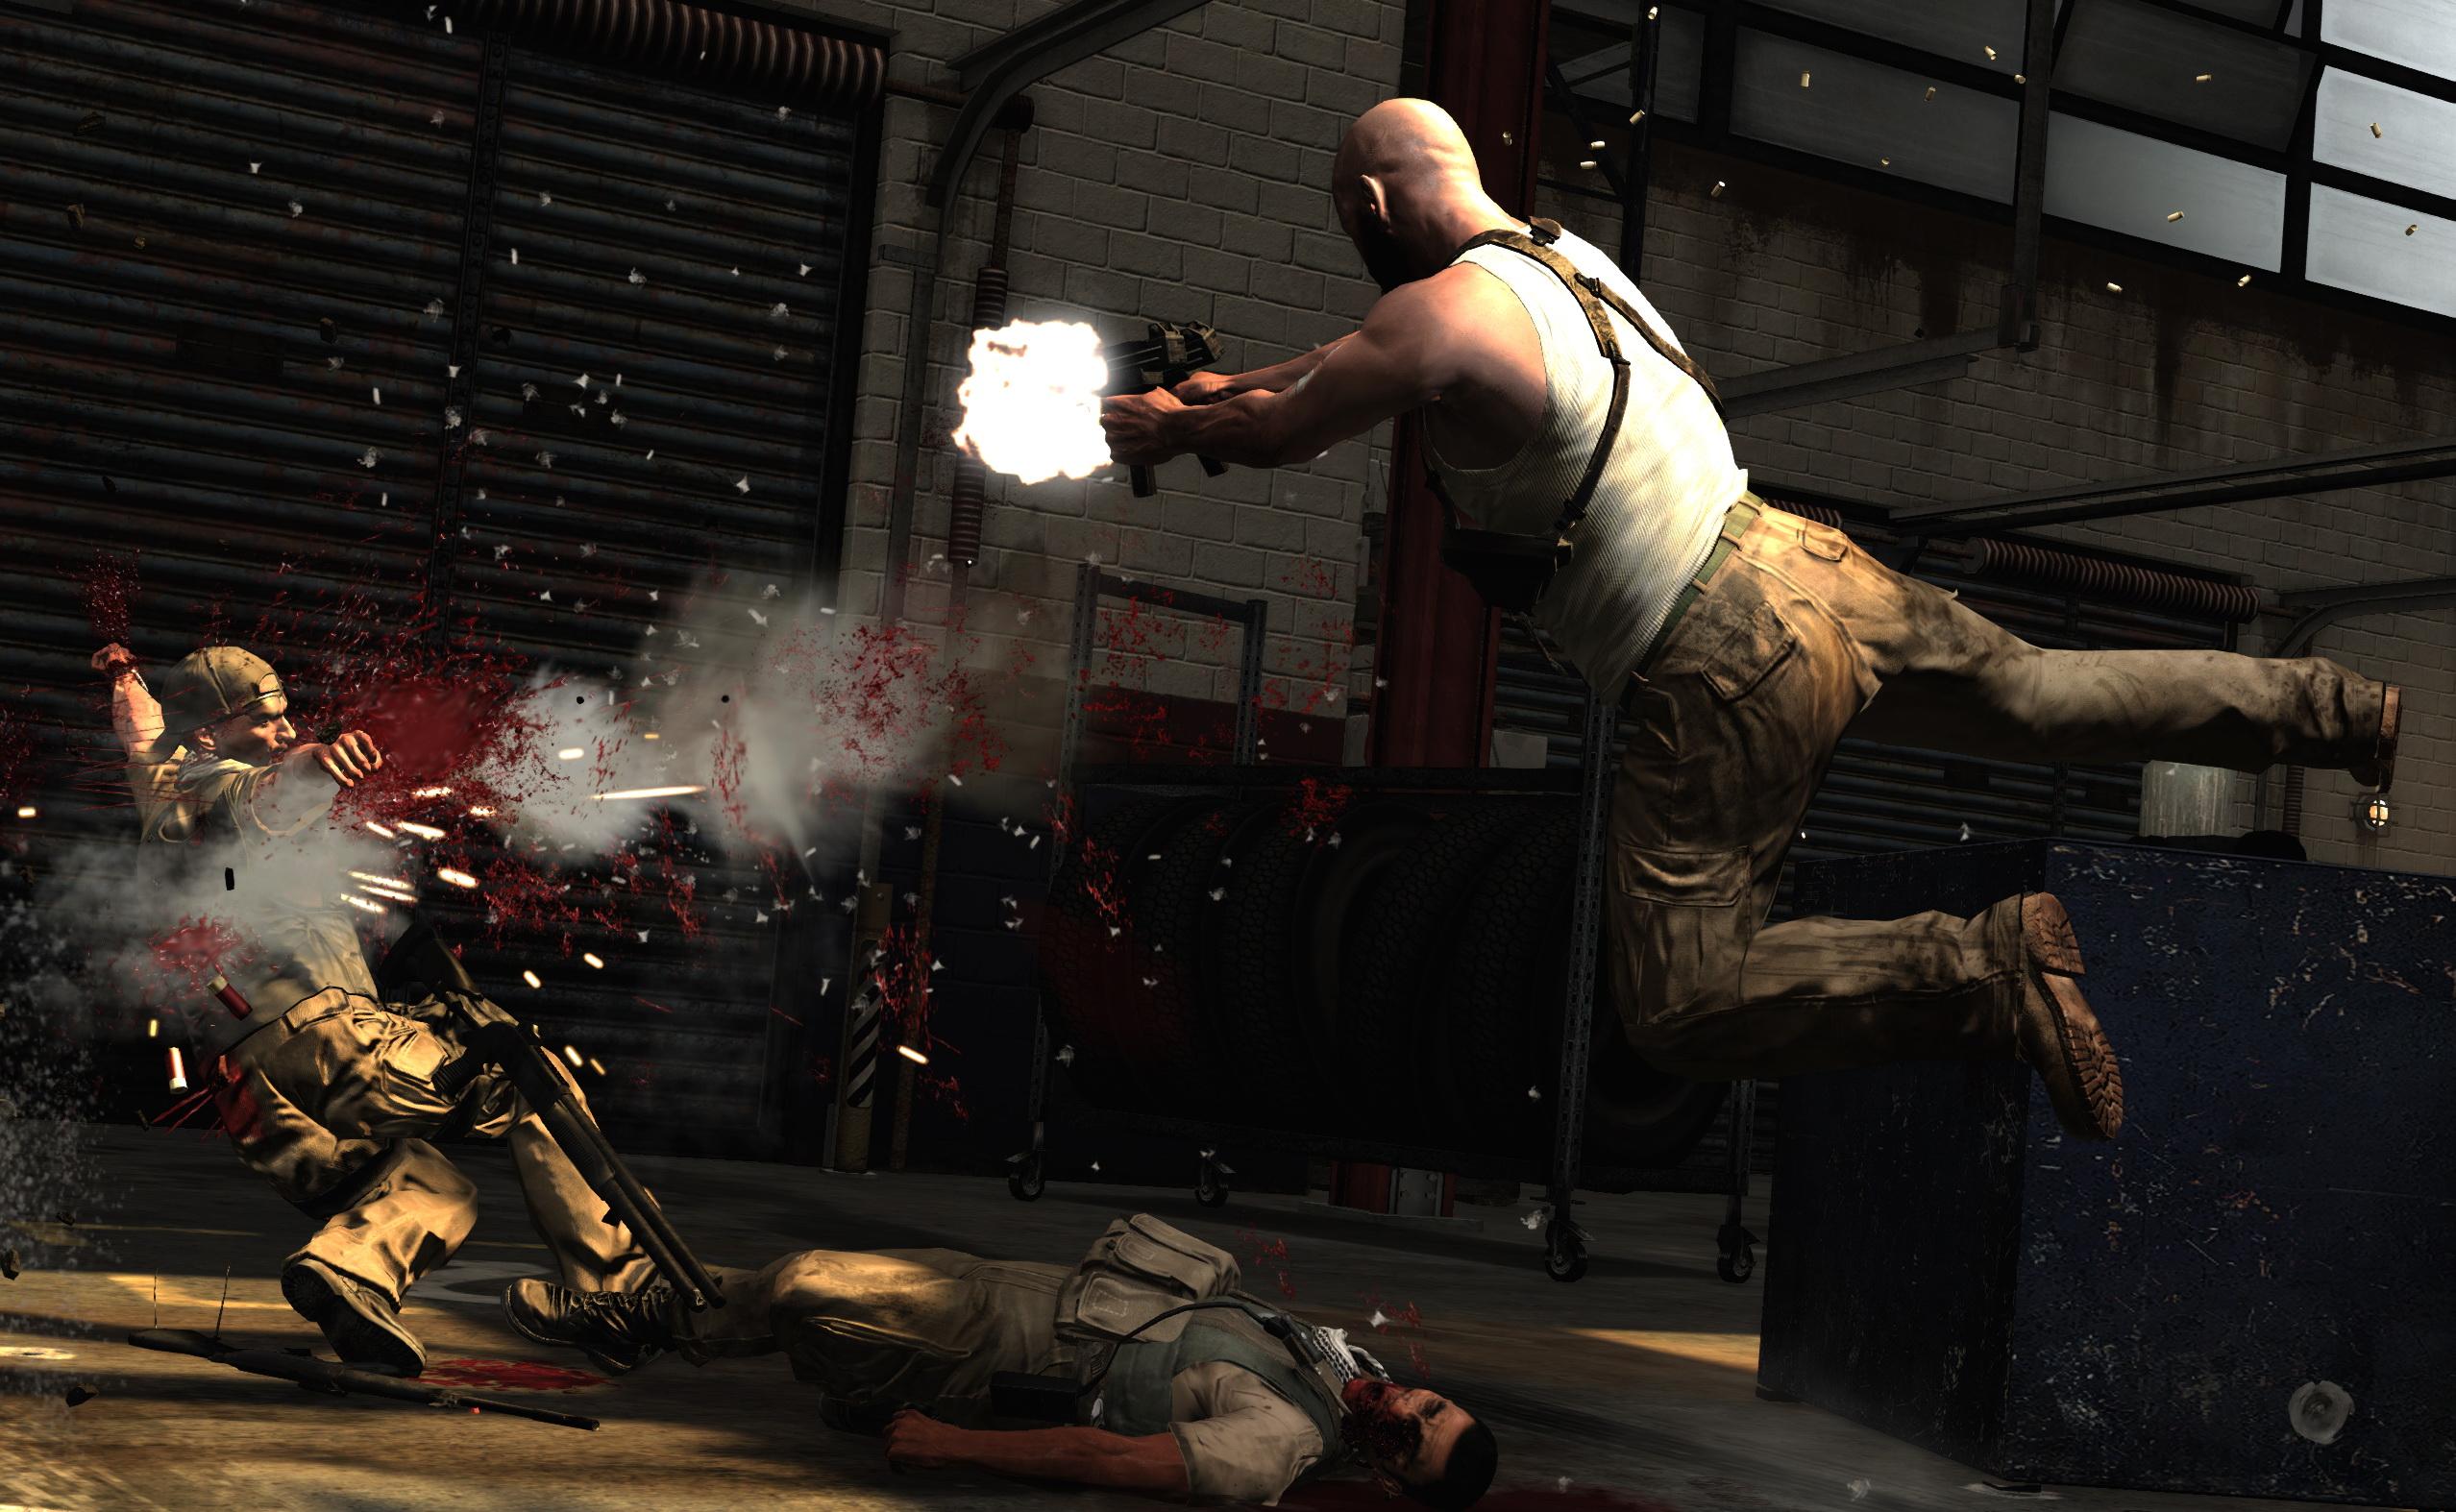 Max Payne 3 – Max bude krvácet, dokazují nové obrázky 61417